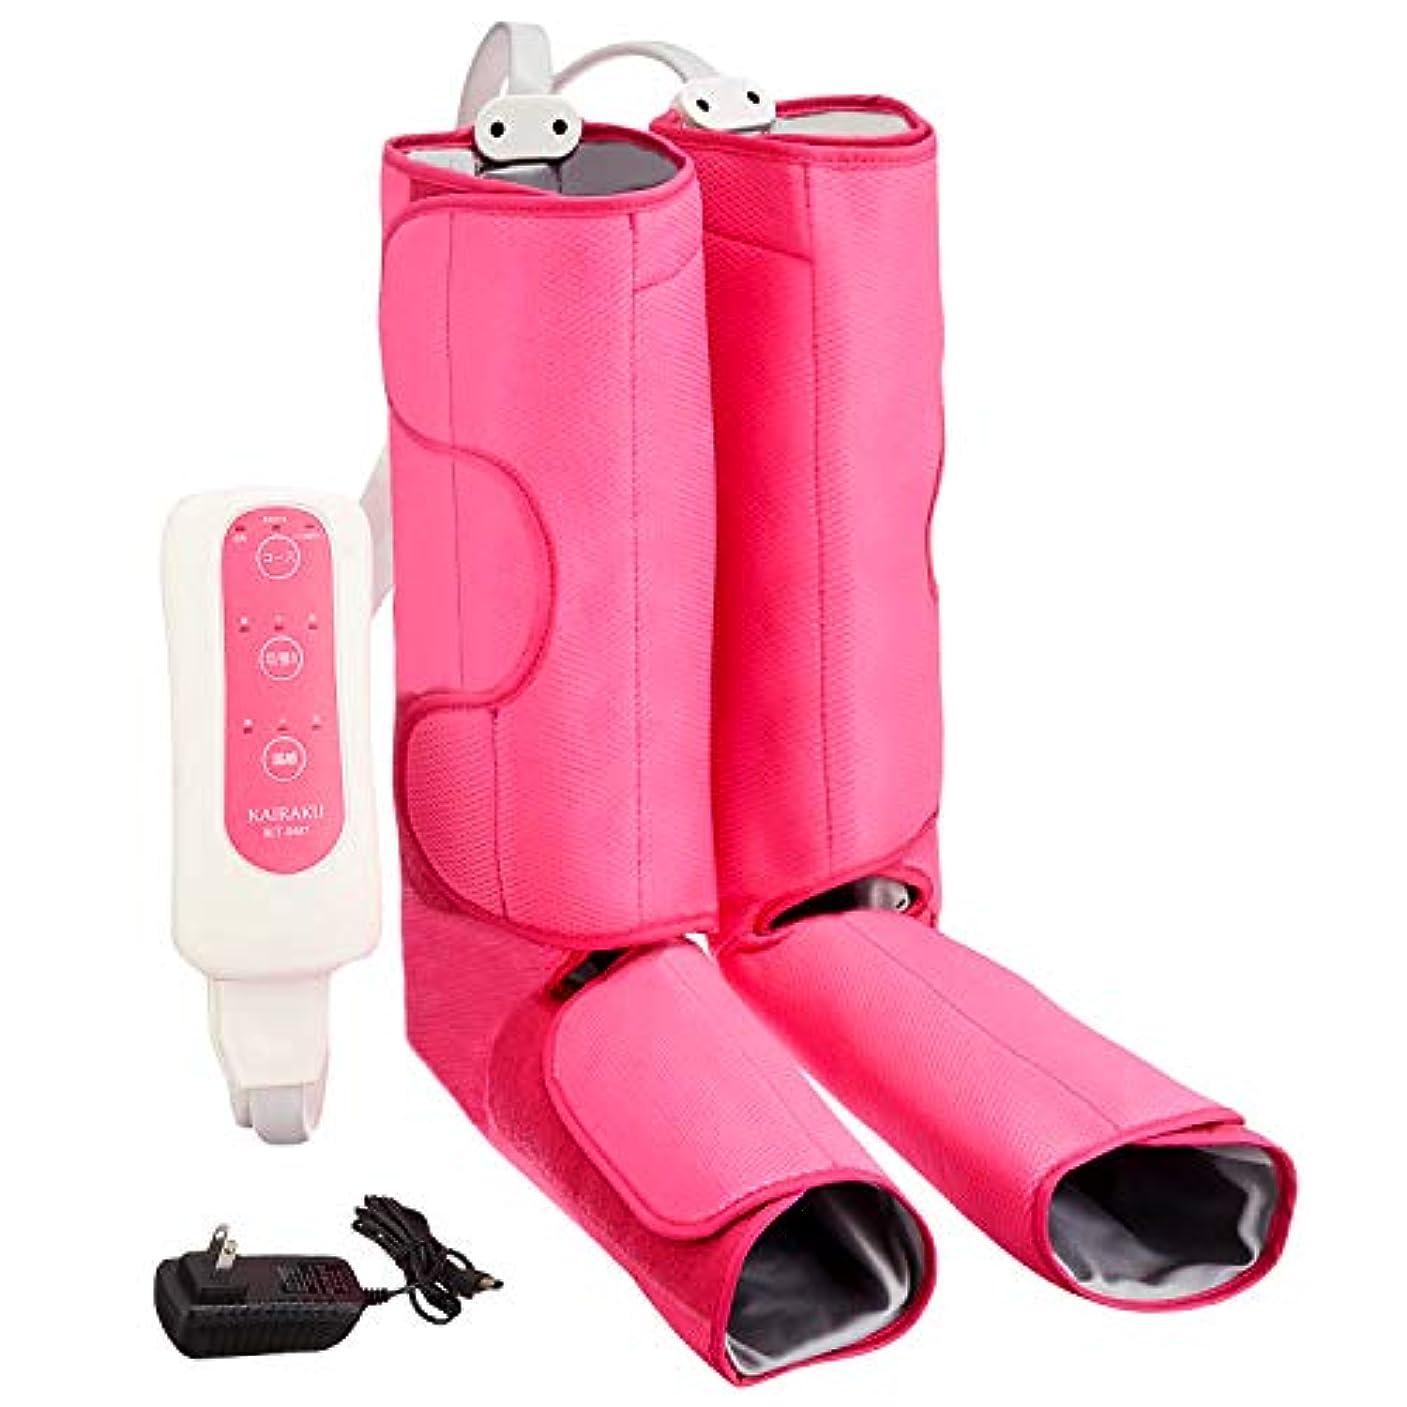 ビザ足租界エアーマッサージャー  3つのマッサージコースを 温感機能搭載フット循環血行促進マッサージ マッサージフットケア 空気圧縮 疲労回復 筋肉痛の痛みの緩解 家庭用